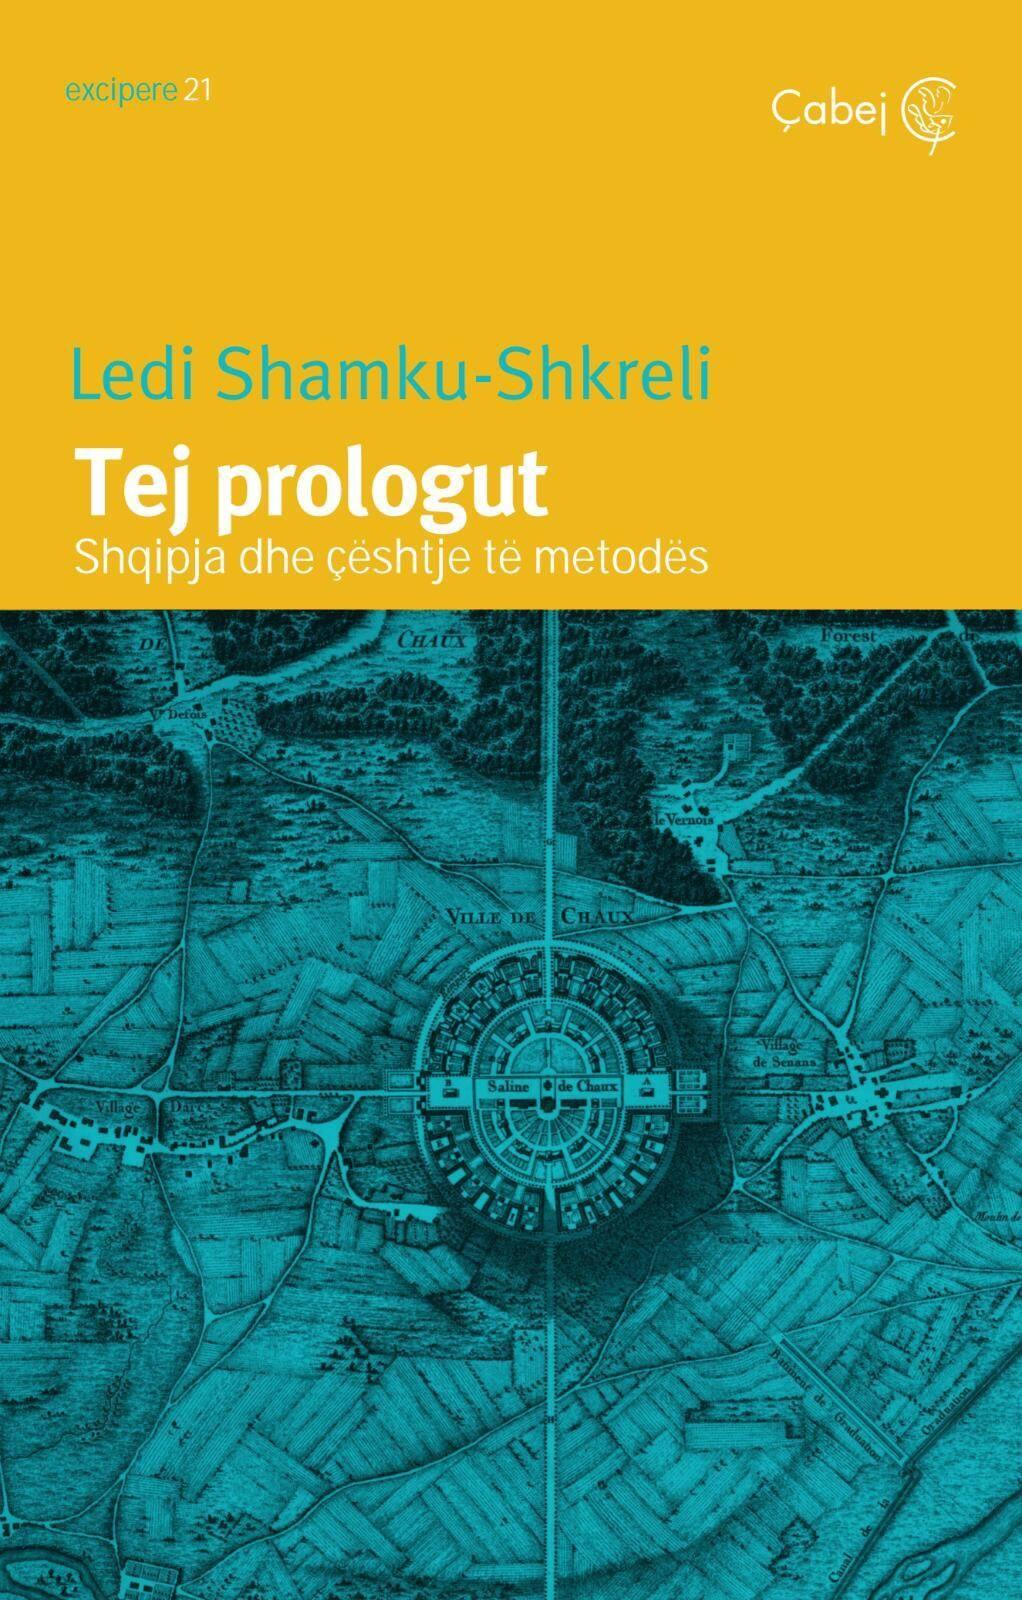 Tej Prologut - Shqipja dhe ceshtje te metodes